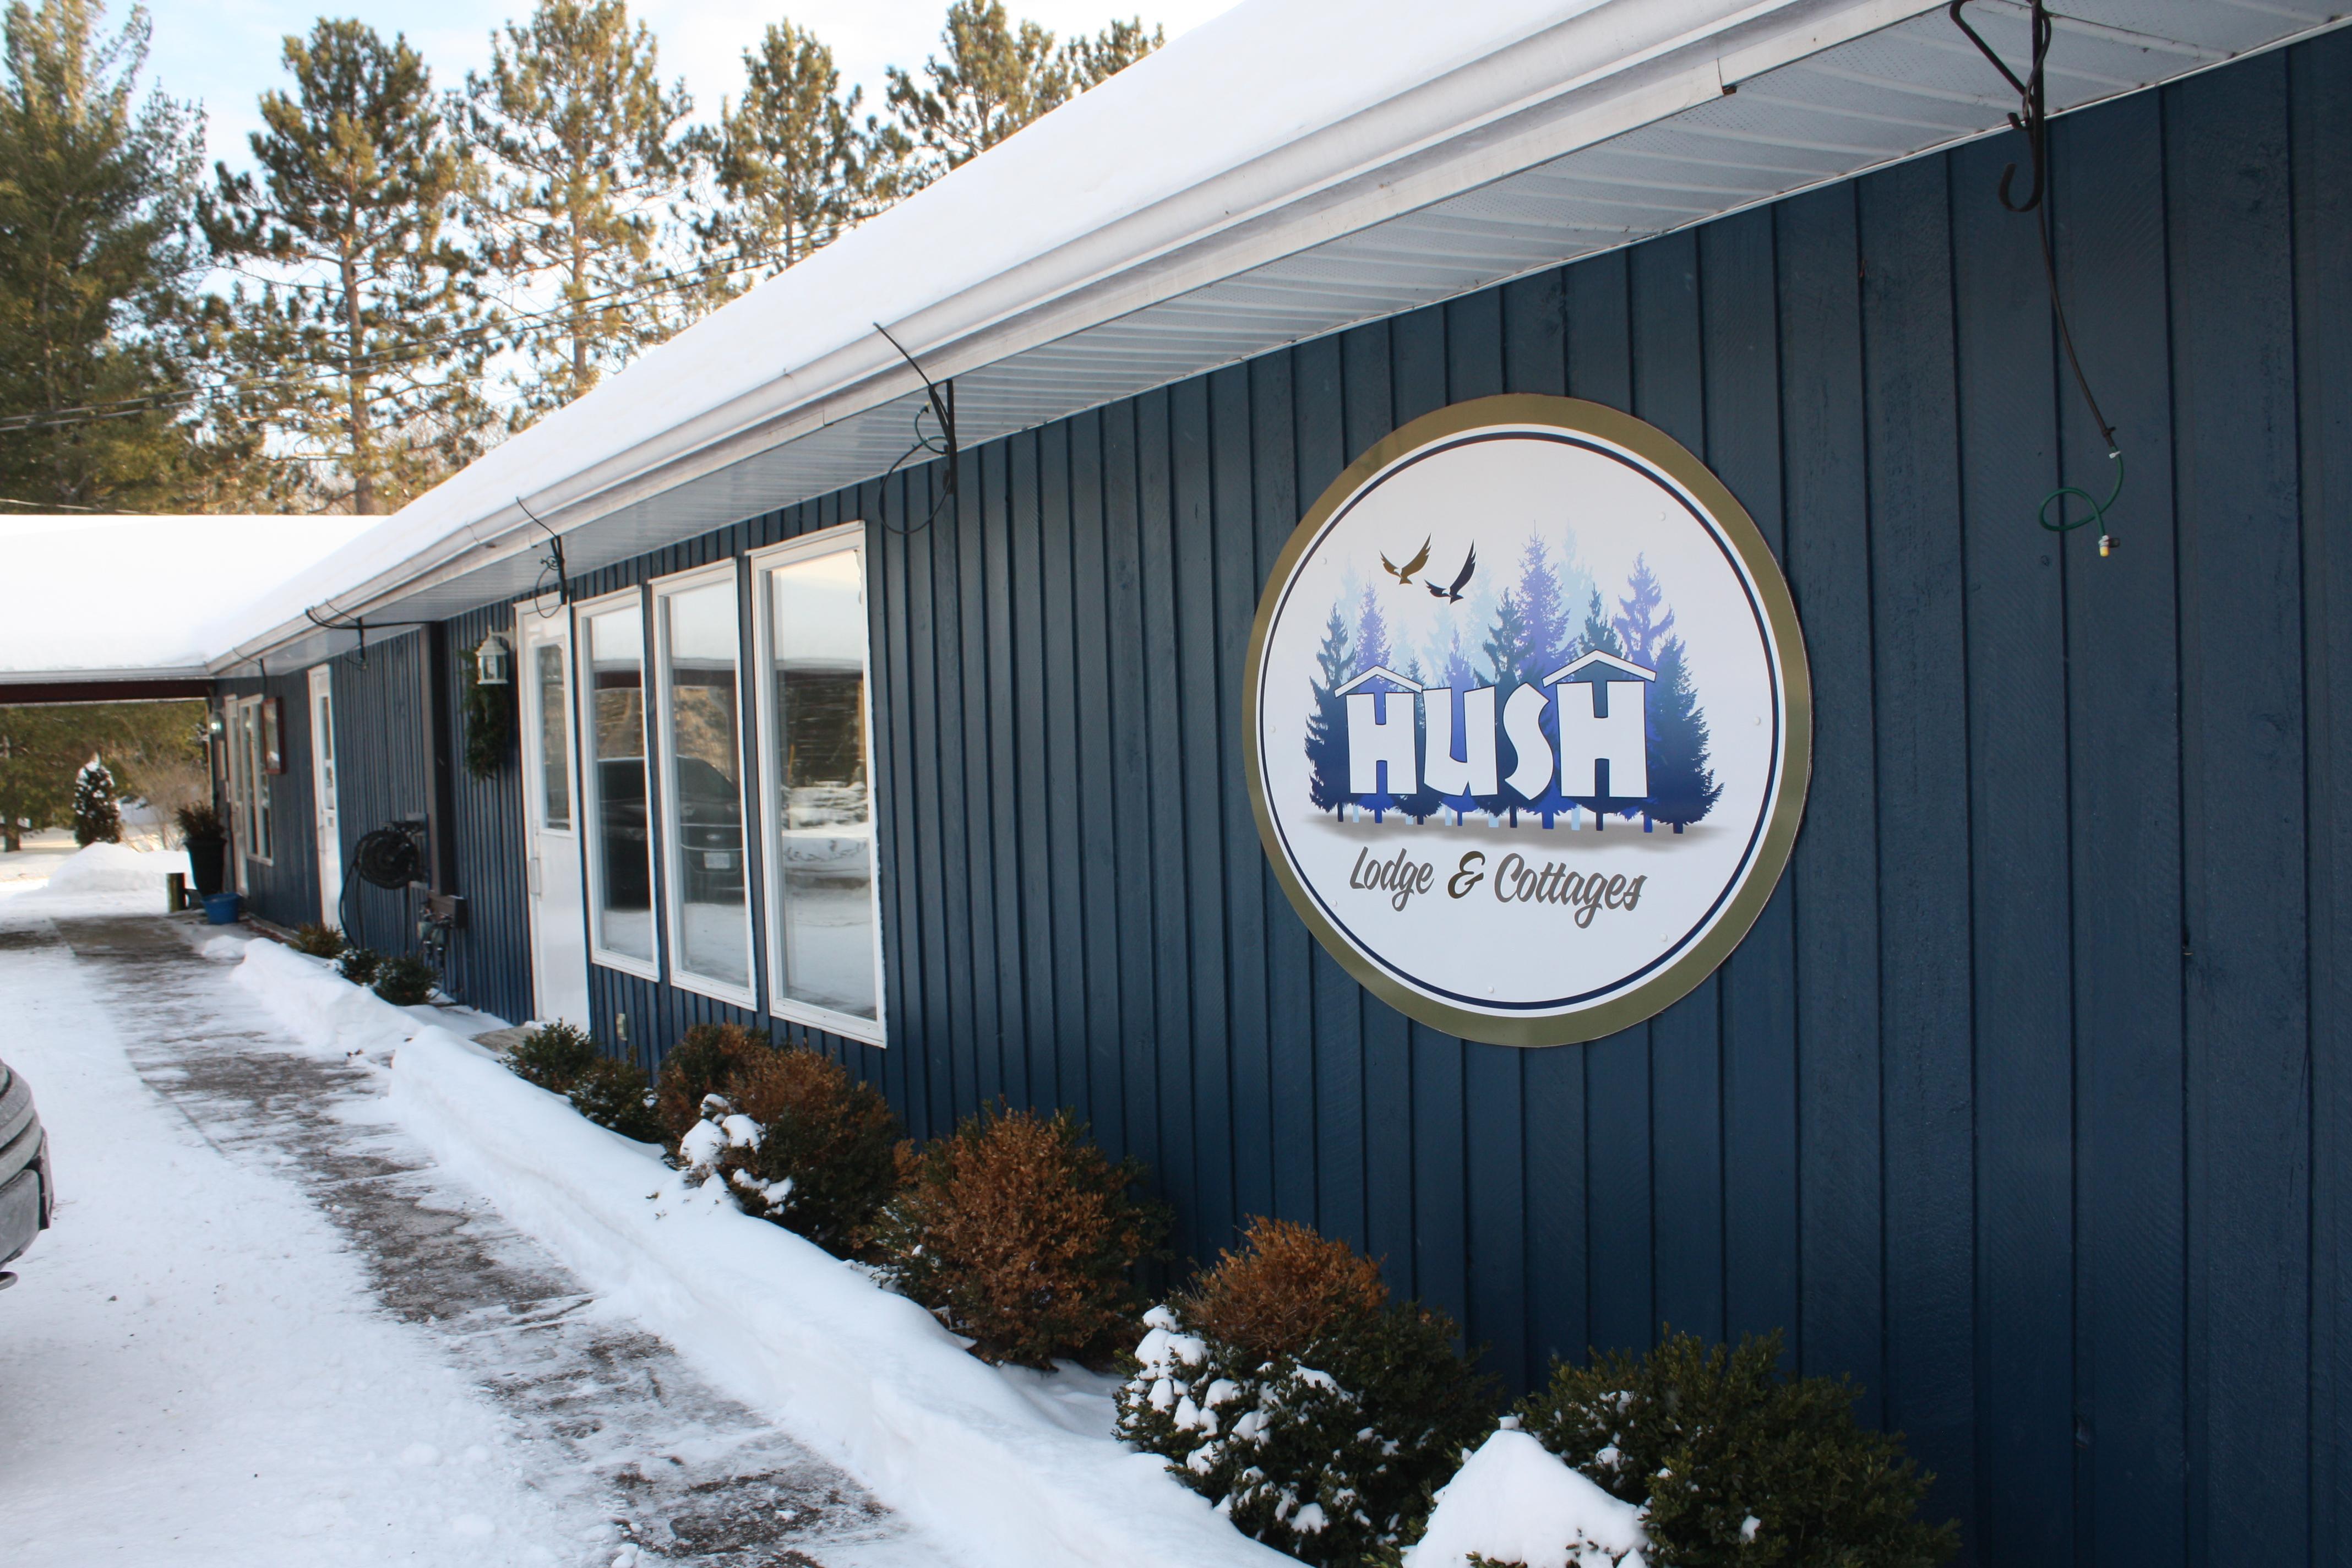 Hush Lodge & Cottages